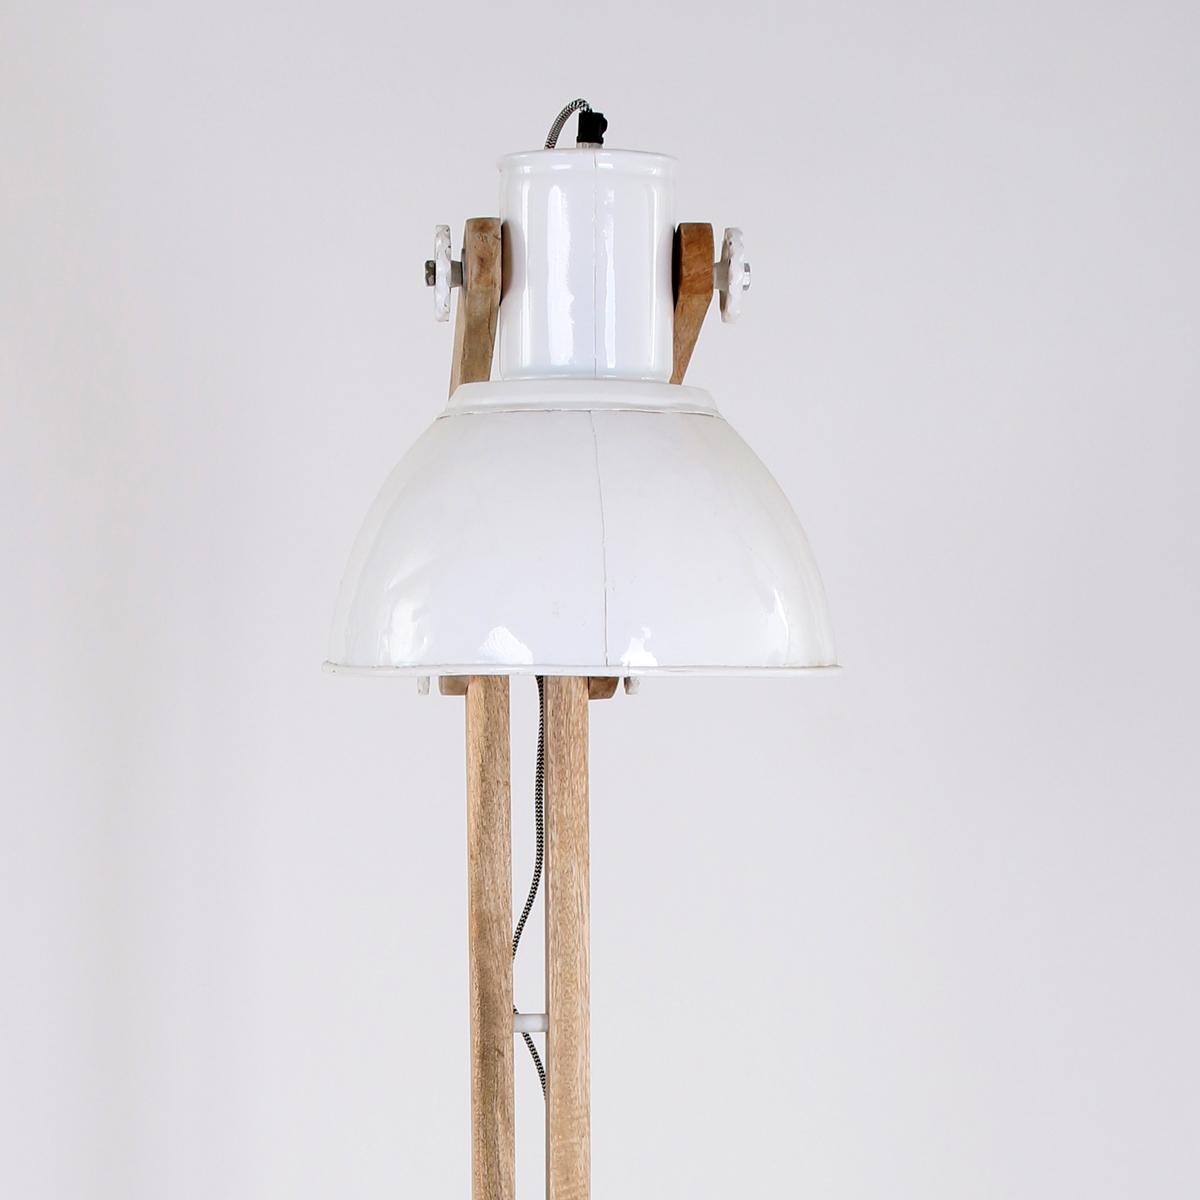 Industriele Staande Lamp Hout.Scandinavische Vloerlamp Kopenhagen Wit